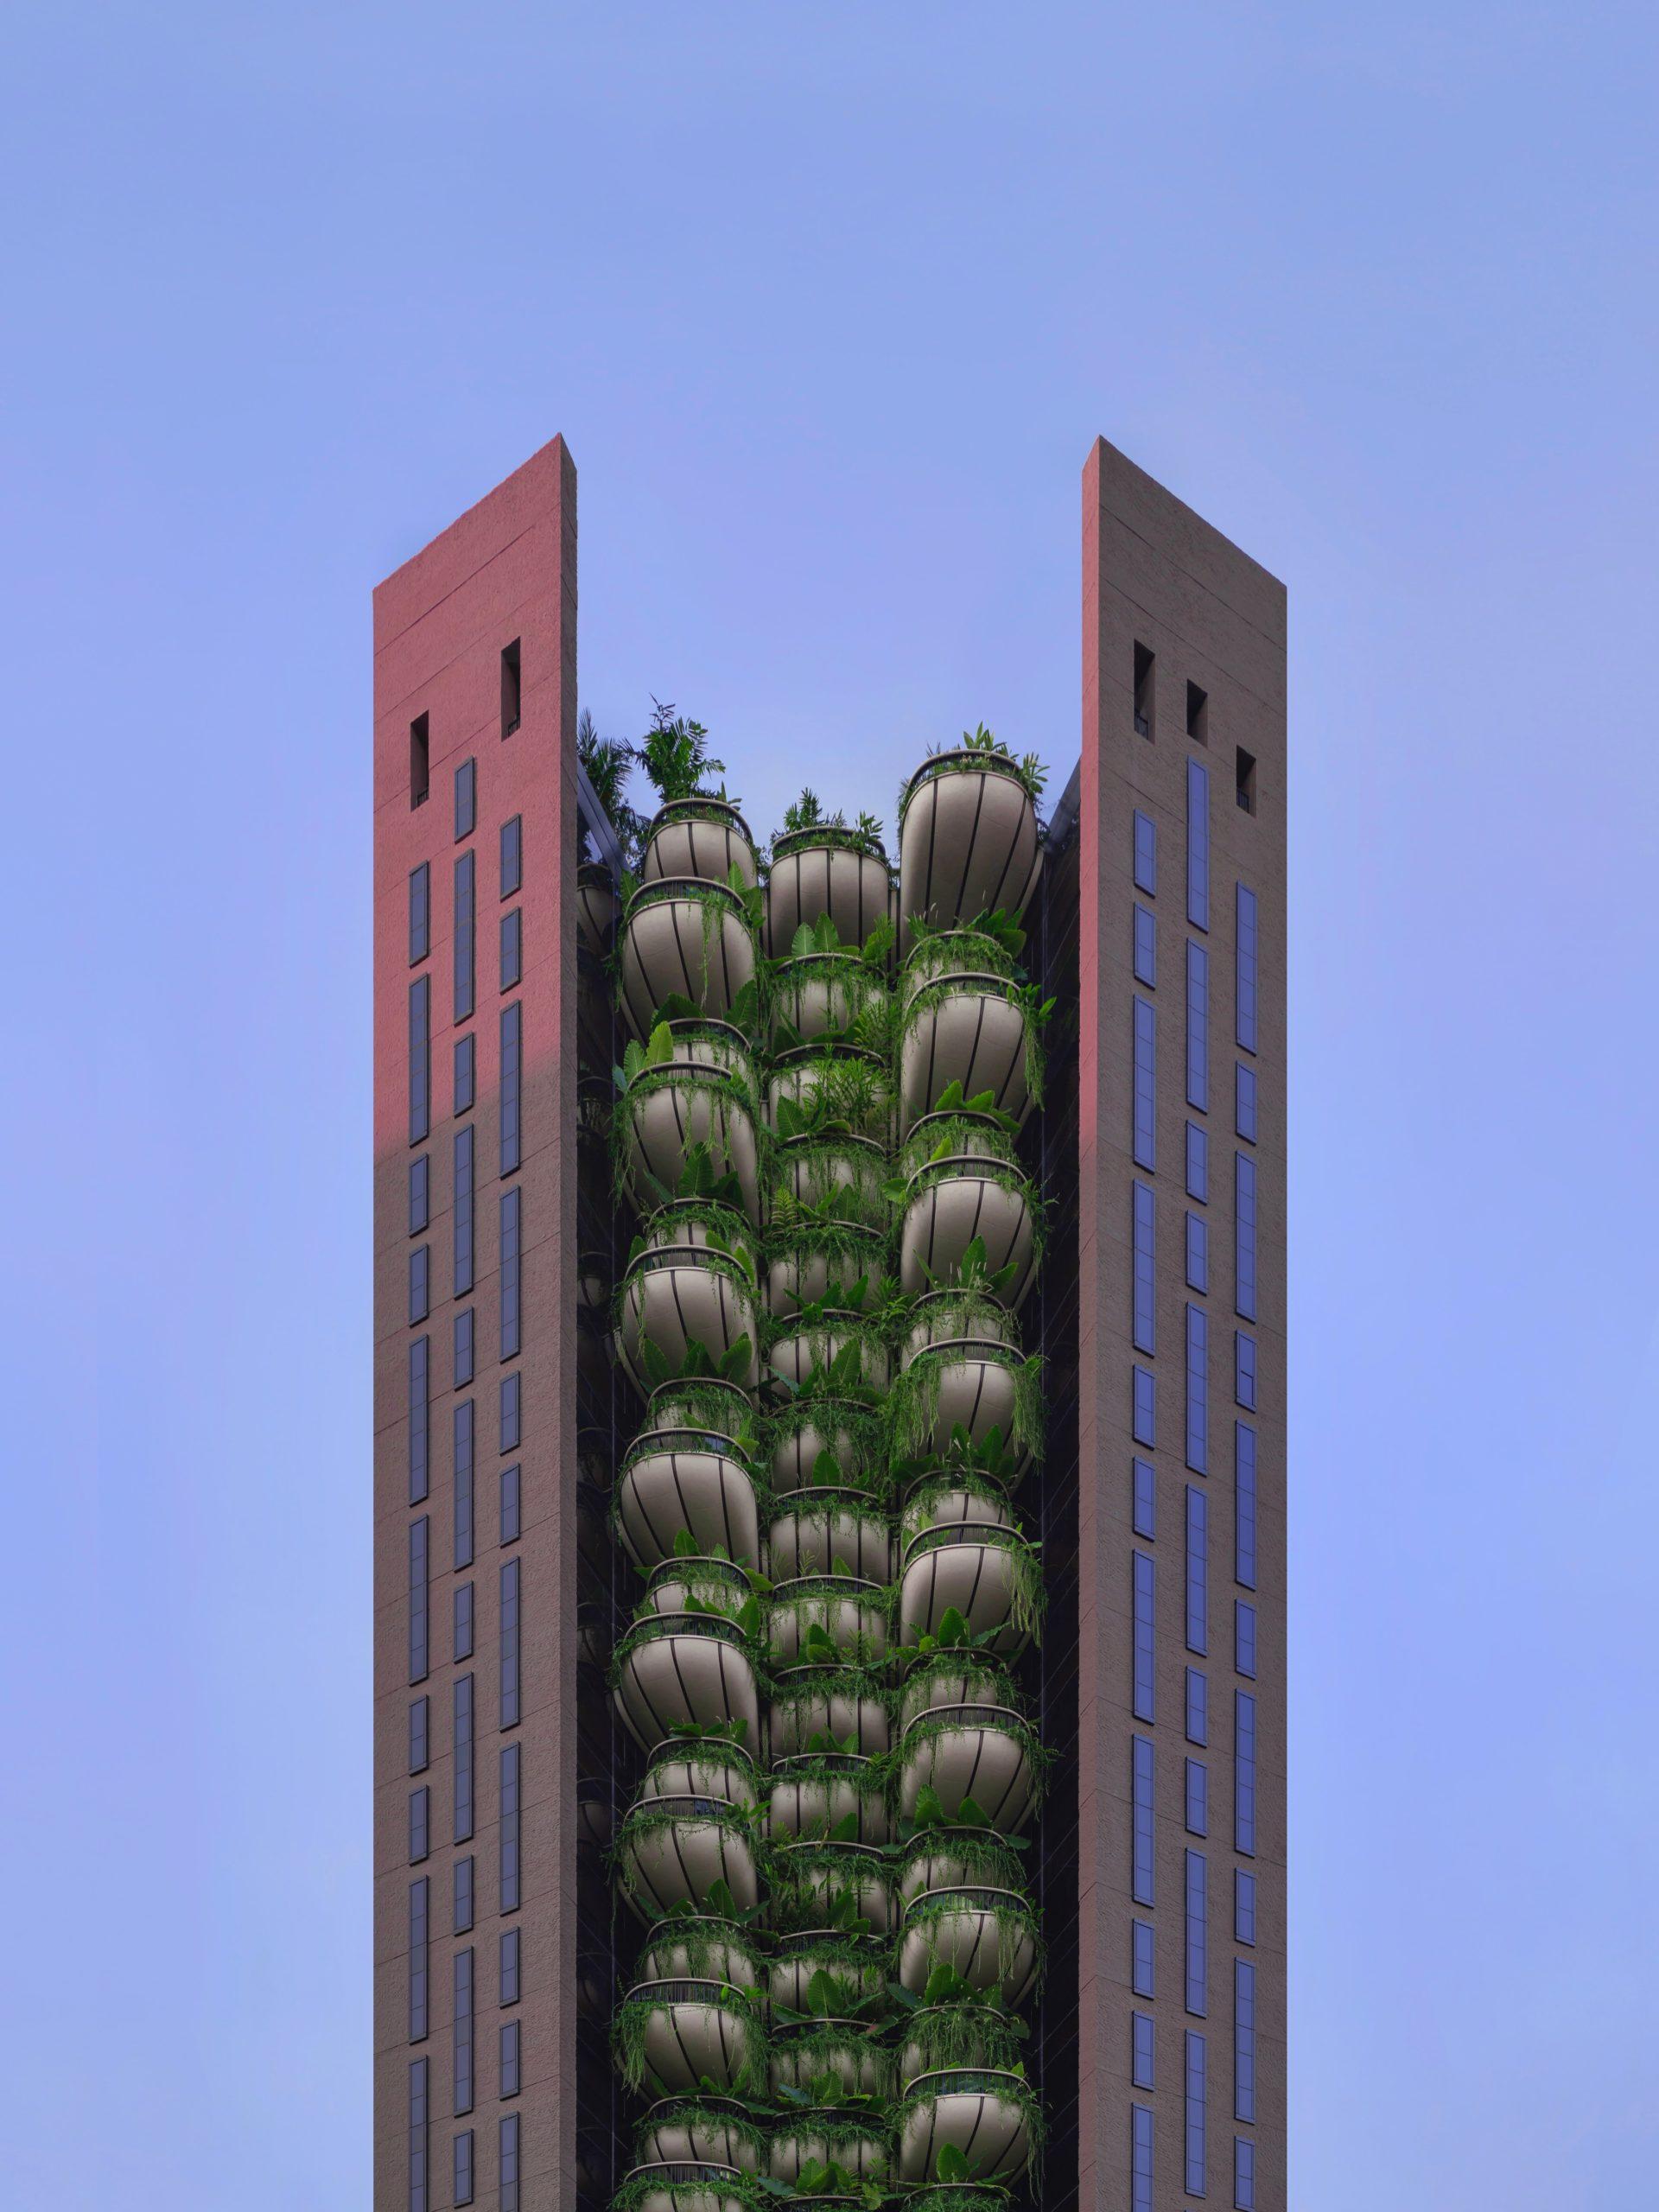 Gebäude mit begrünten Balkonen in der Mitte des Gebäudes